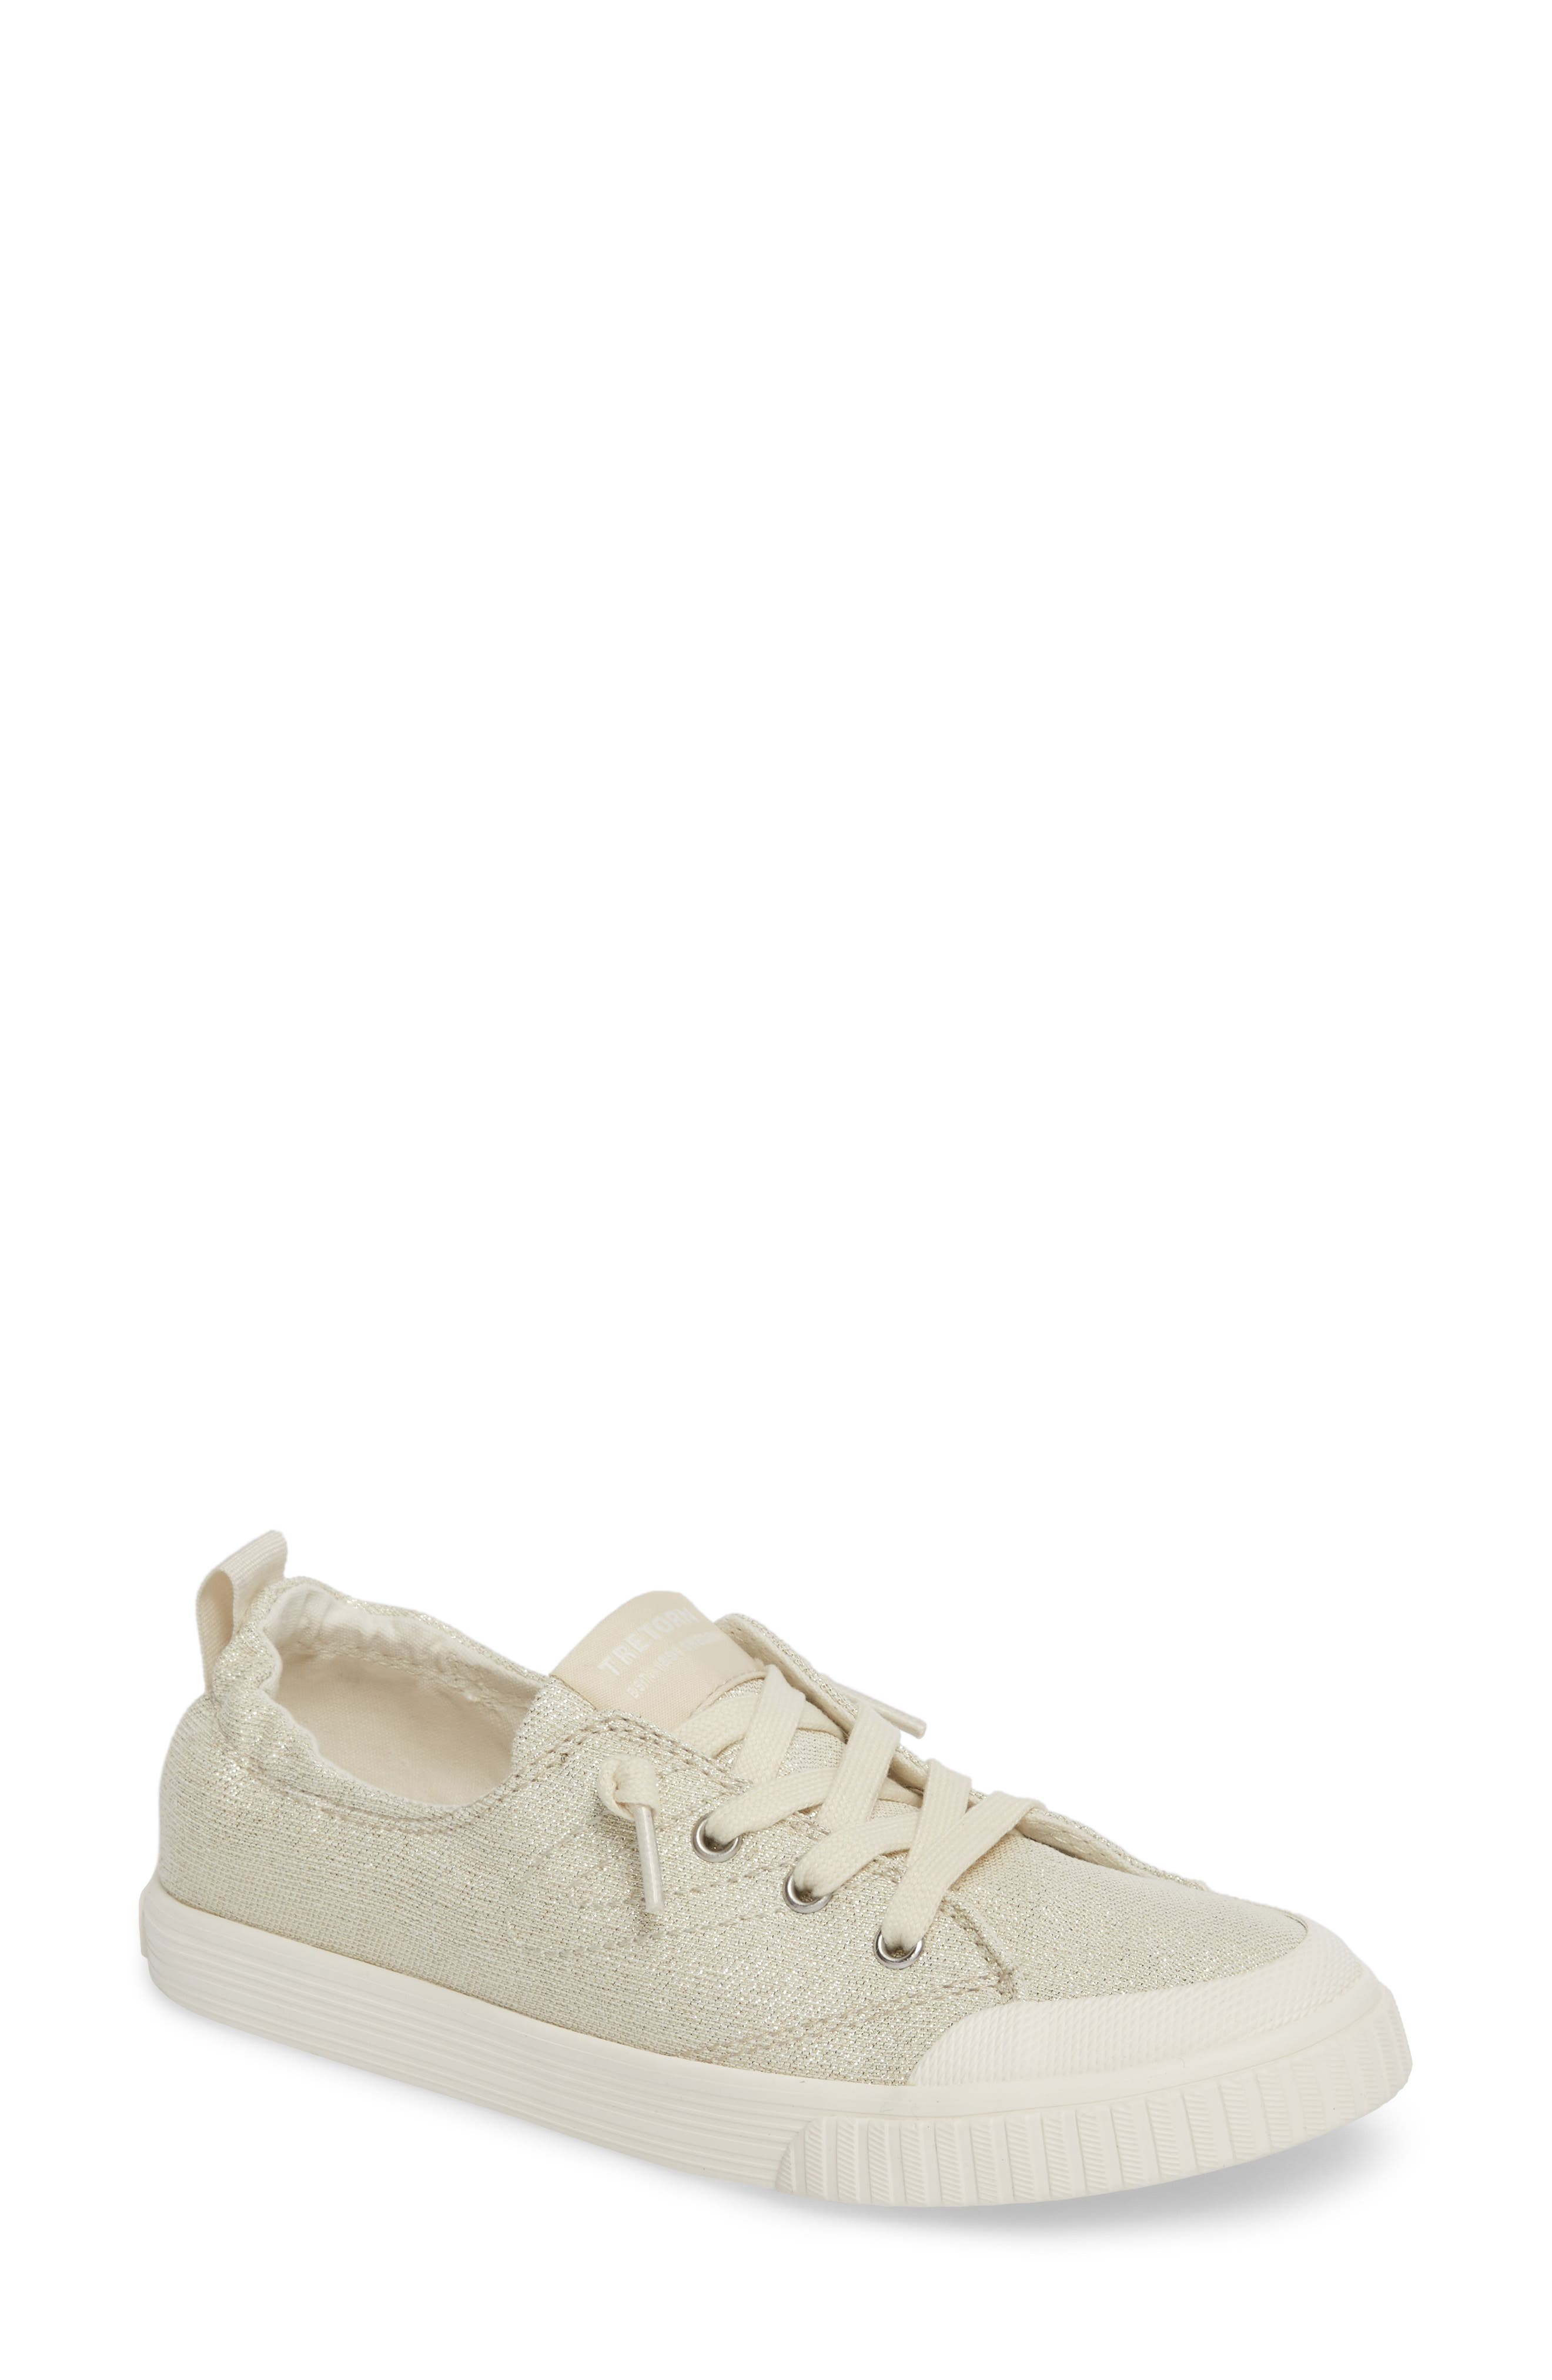 Meg Slip-On Sneaker,                             Main thumbnail 1, color,                             042